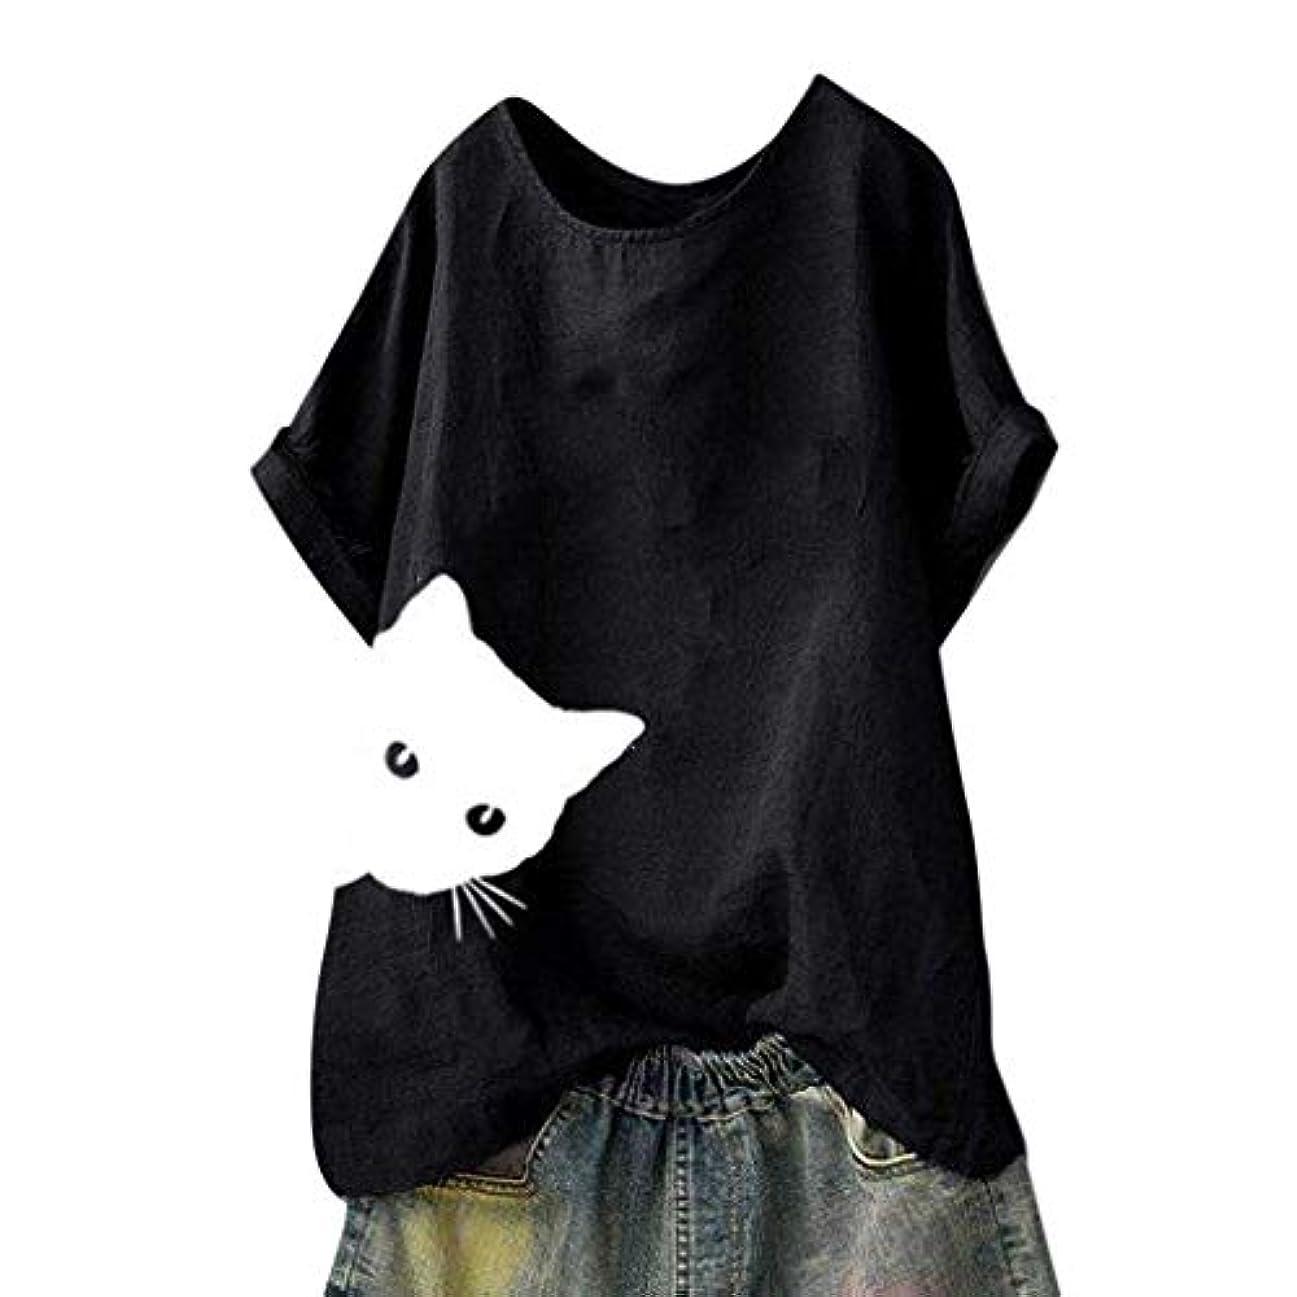 まとめる責任者うそつきメンズ Tシャツ 可愛い ねこ柄 白t ストライプ模様 春夏秋 若者 気質 おしゃれ 夏服 多選択 猫模様 カジュアル 半袖 面白い 動物 ゆったり シンプル トップス 通勤 旅行 アウトドア tシャツ 人気